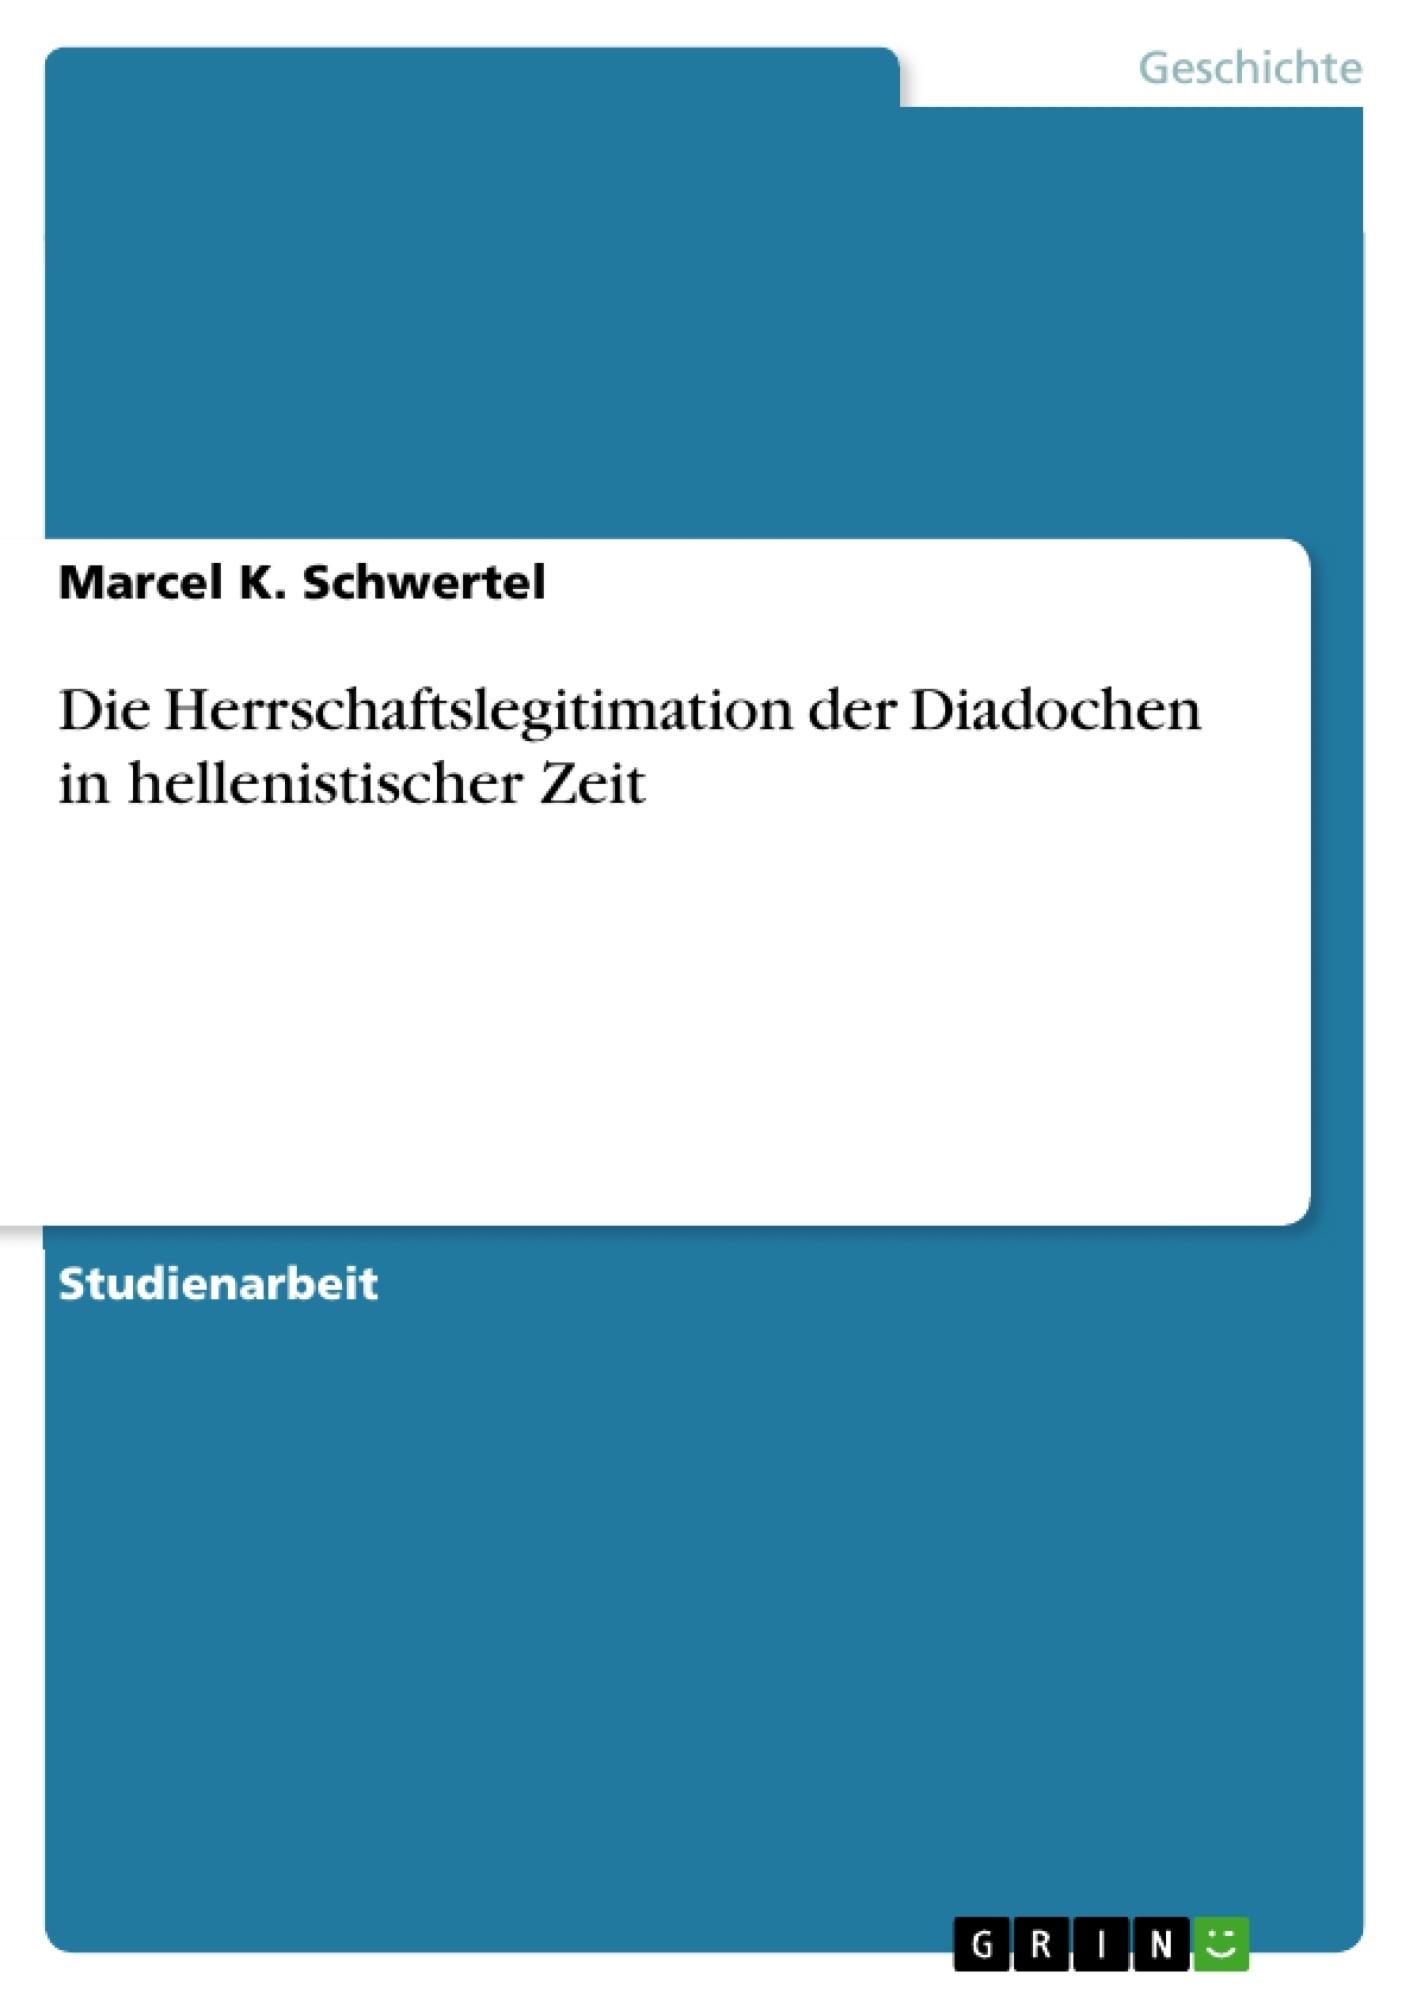 Titel: Die Herrschaftslegitimation der Diadochen in hellenistischer Zeit